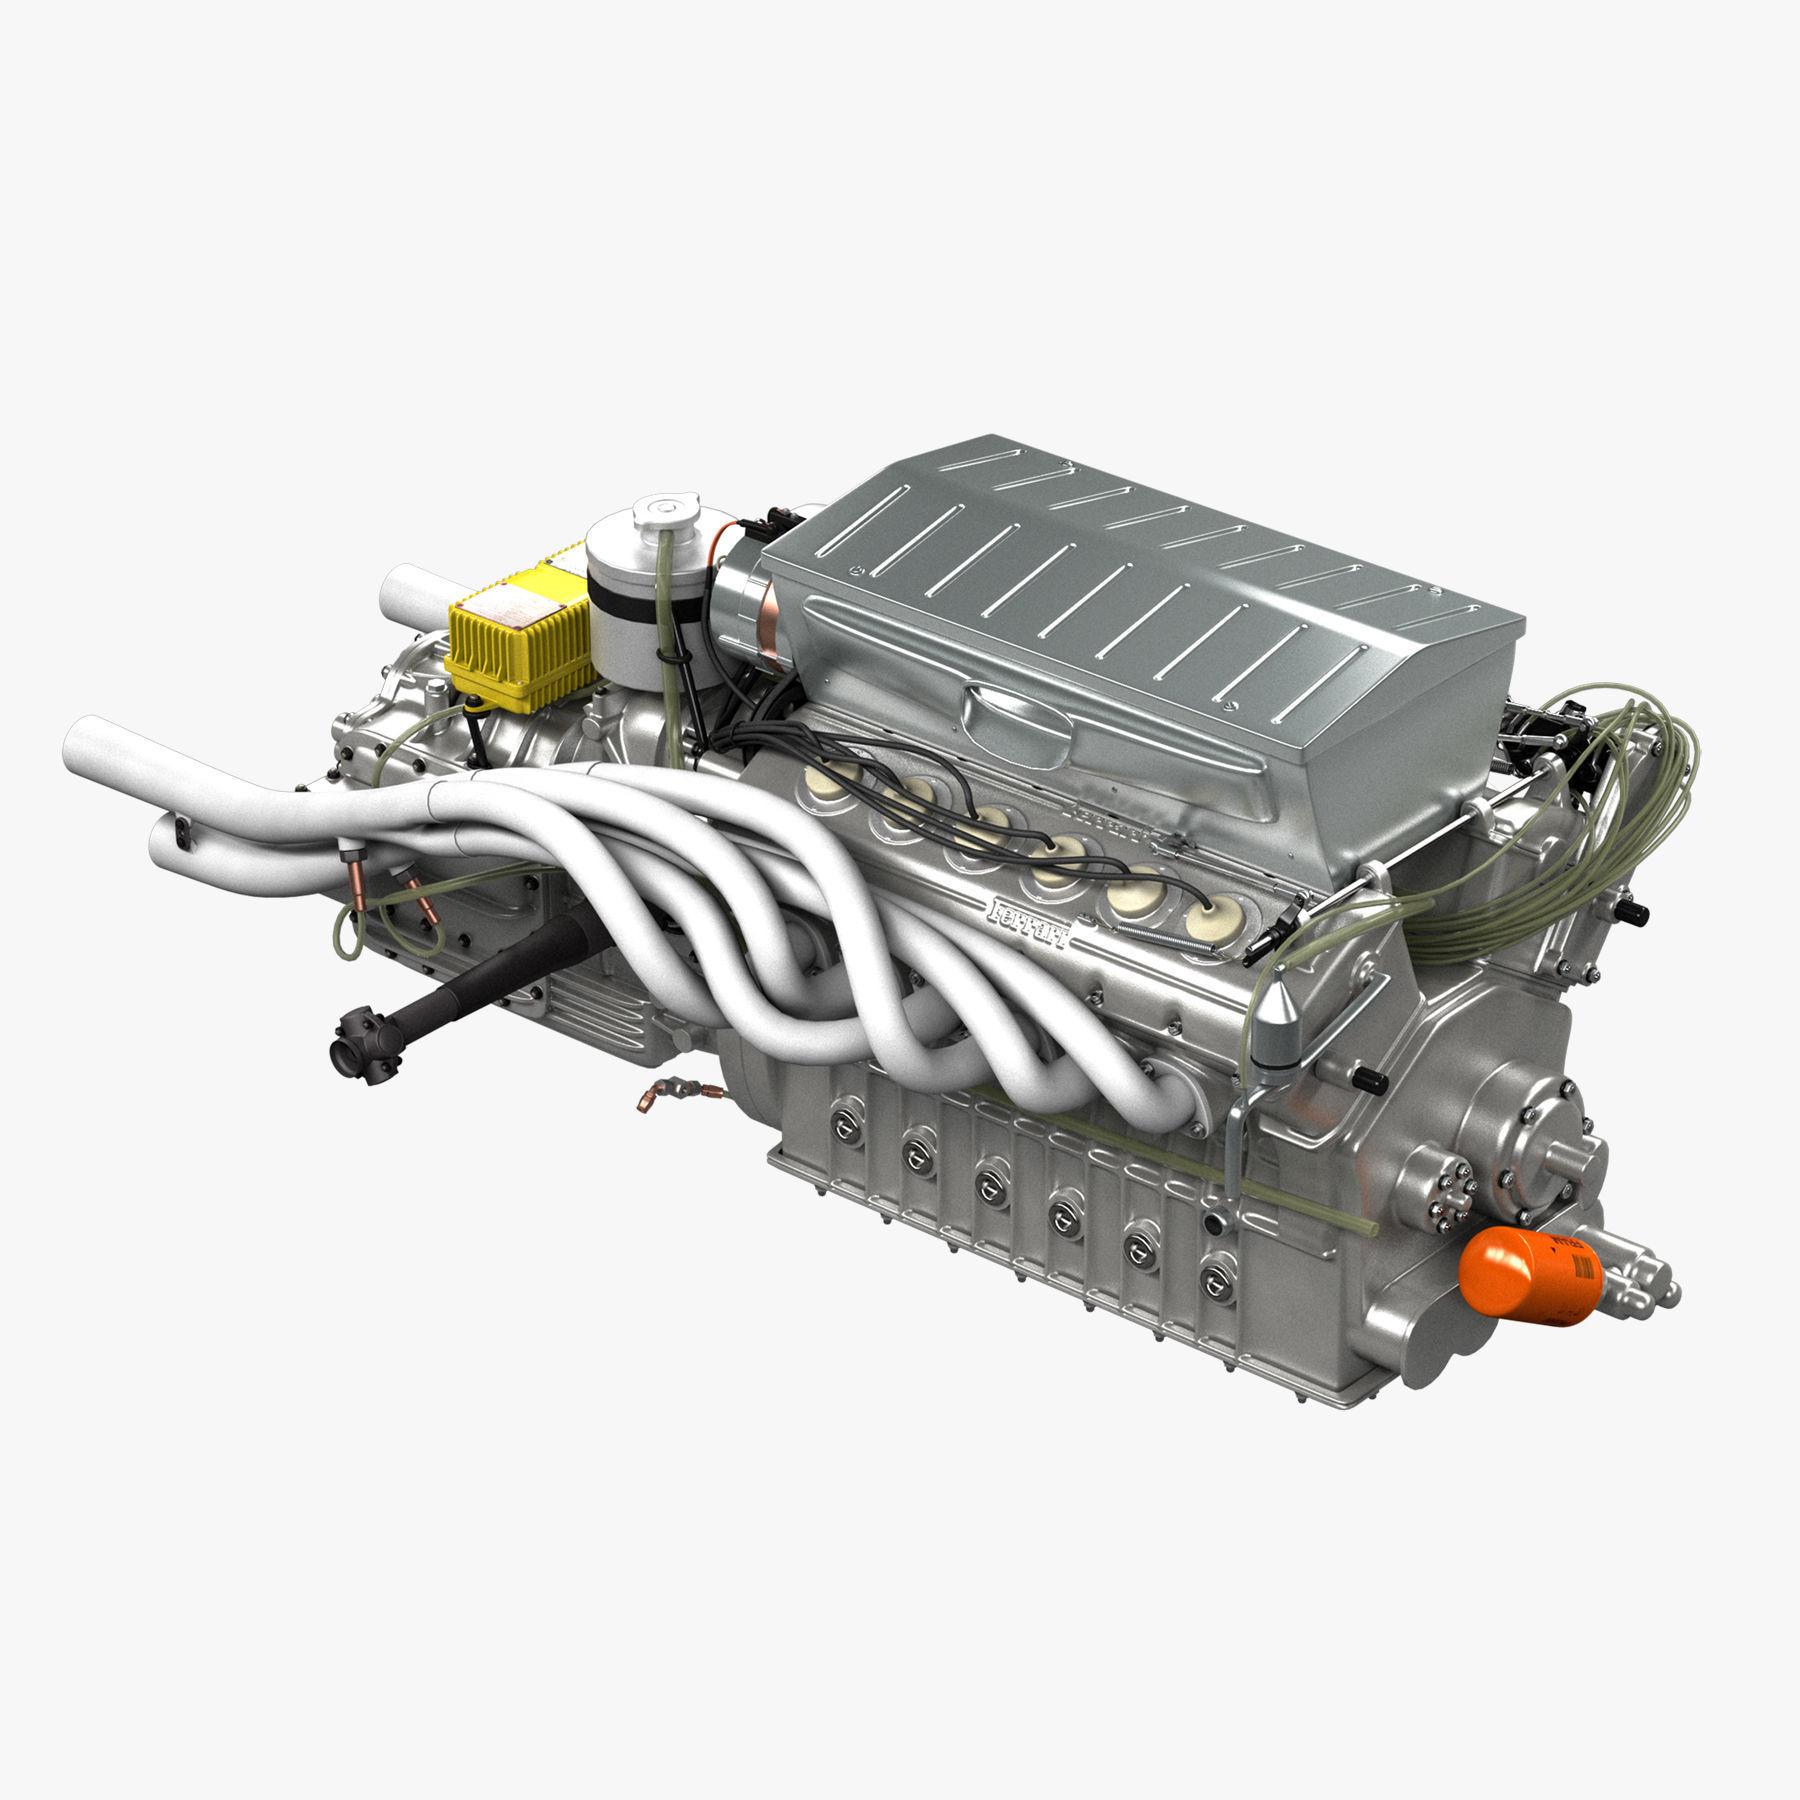 Ferrari 312p V12 Engine - 3 liter